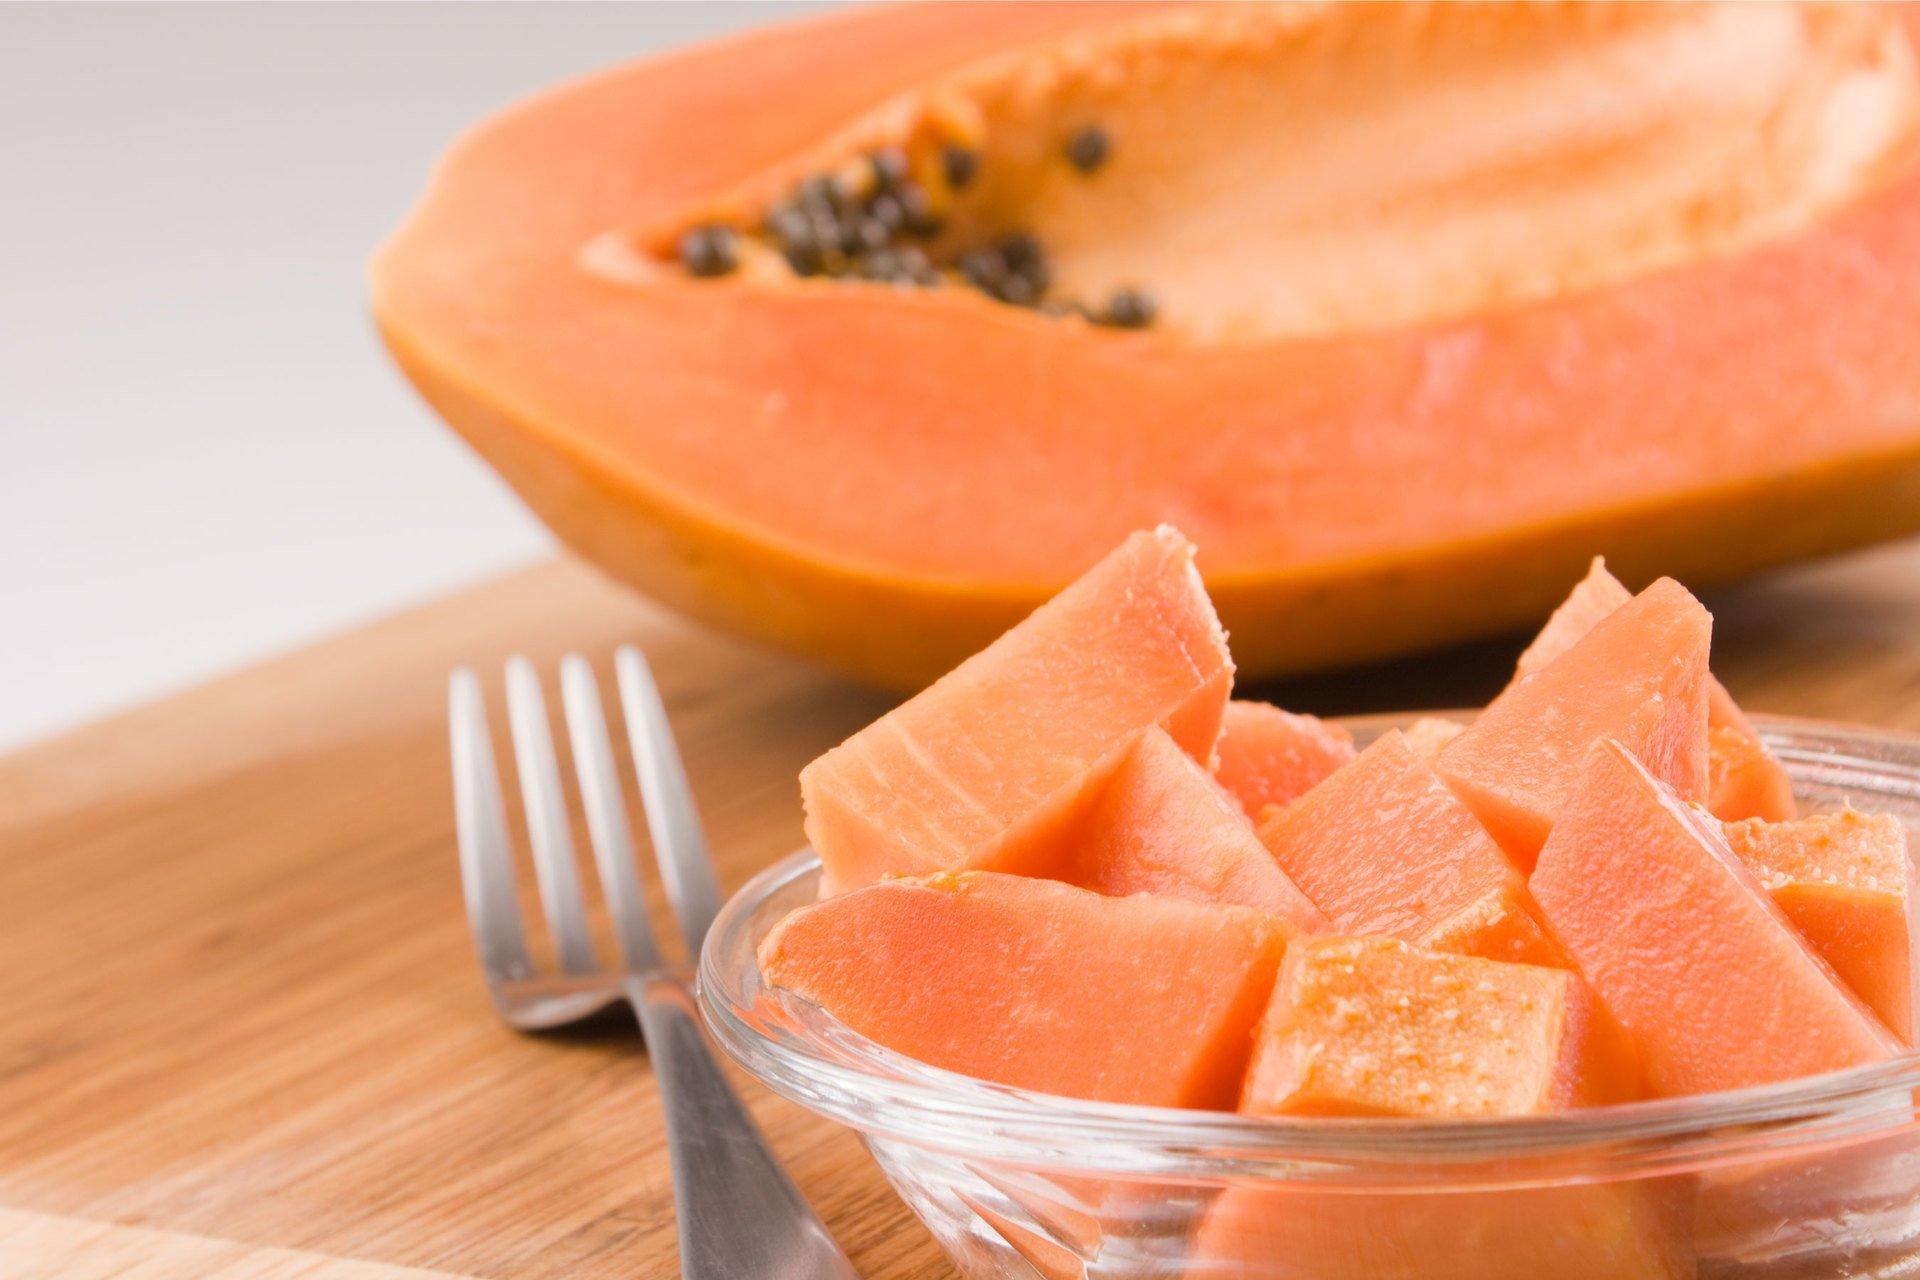 Папайя. состав, калорийность и свойства фрукта папайя. как едят папайю